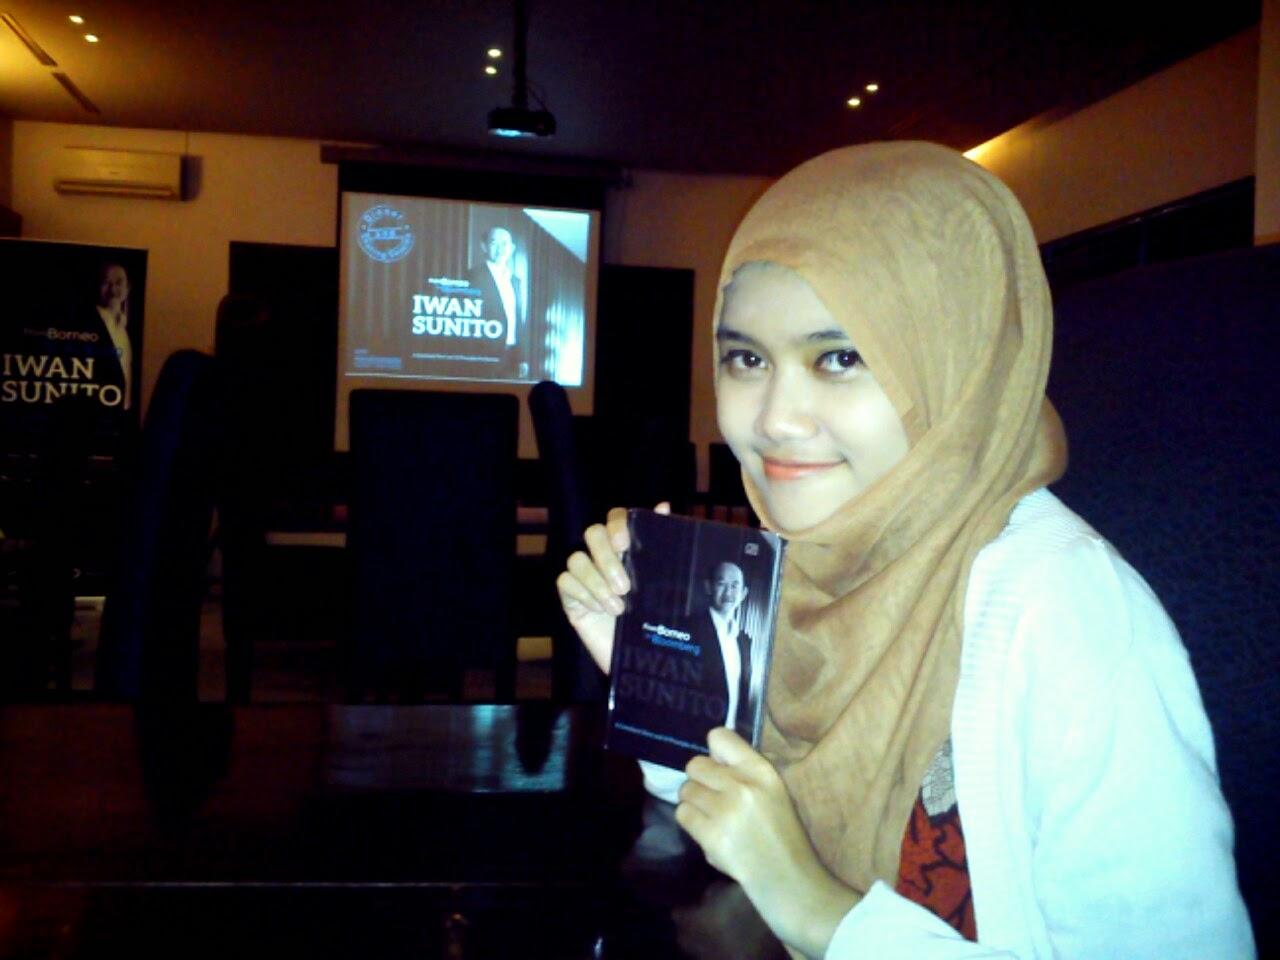 """Buku """"From Borneo to Bloomberg"""" karya Iwan Sunito"""